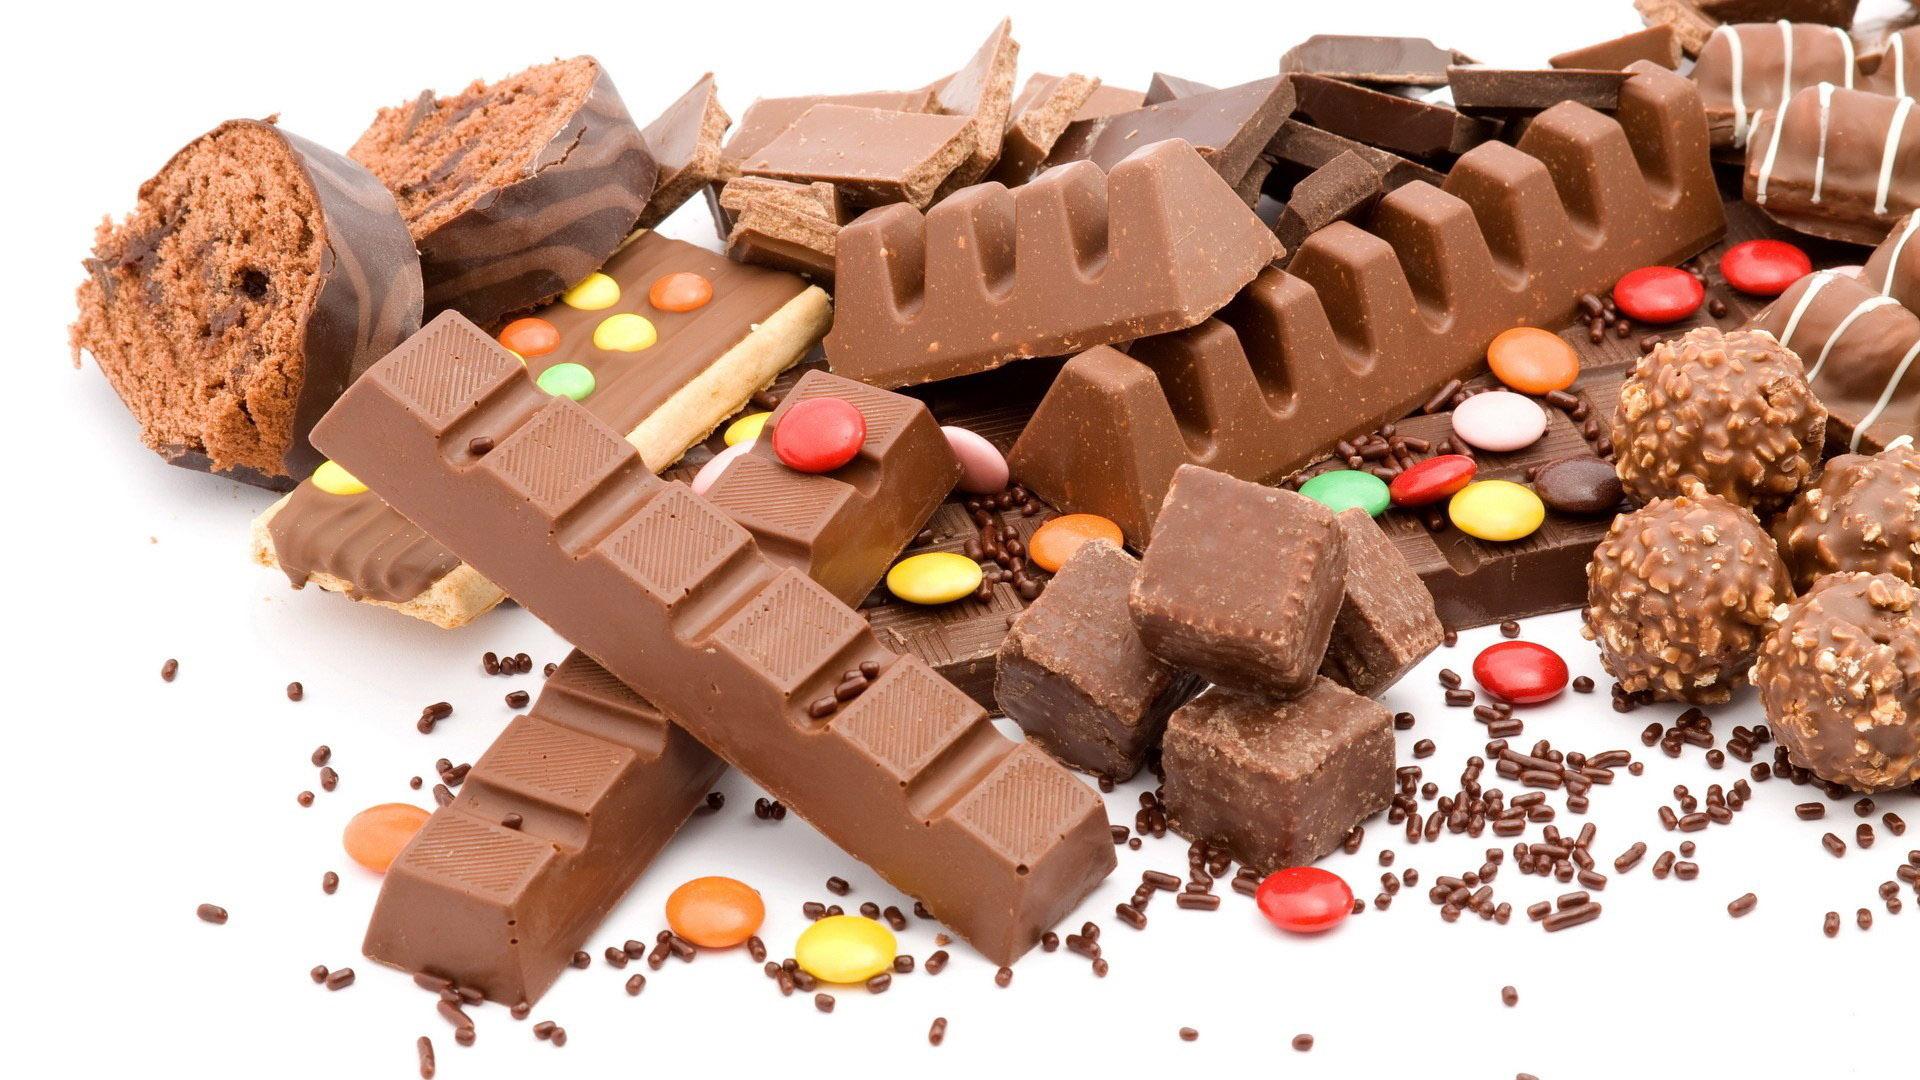 Fond D Ecran Mousse Au Chocolat Mousse Au Chocolat Recette